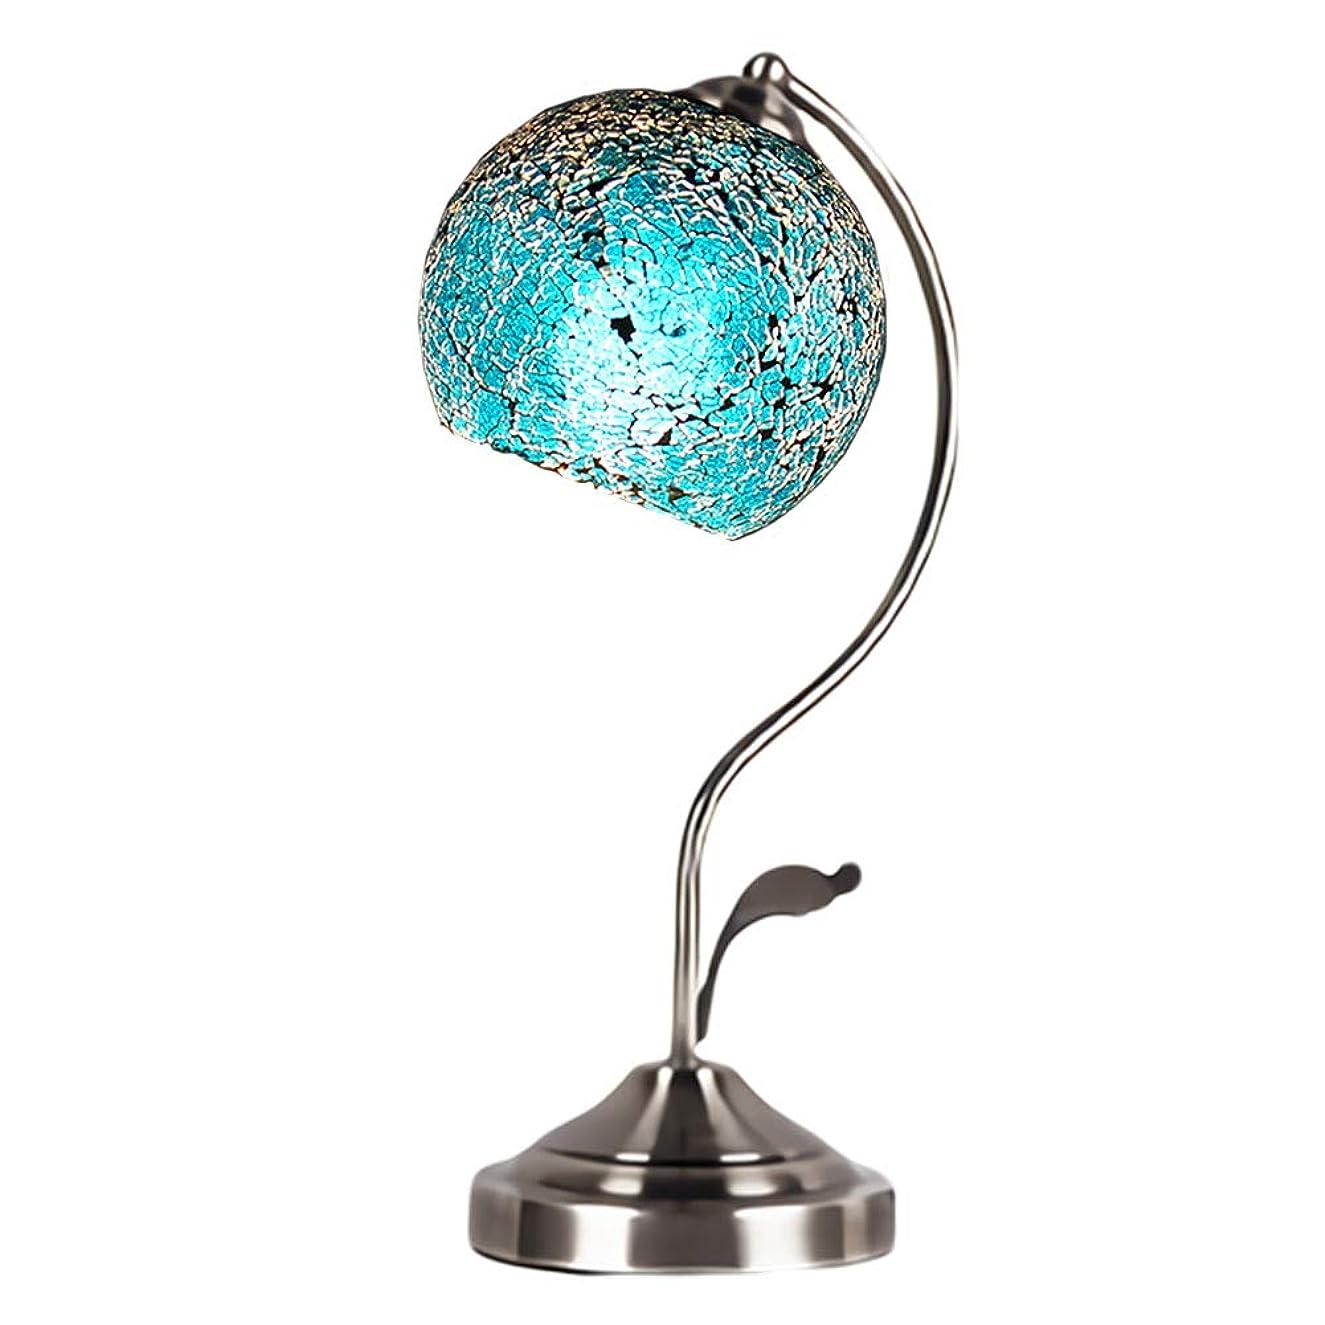 センブランス賞賛する前提条件モザイクランプ スタンド型 デスク テーブル ルームライト ガラスランプ 照明 イルミネーション インテリア プレゼント アンティーク